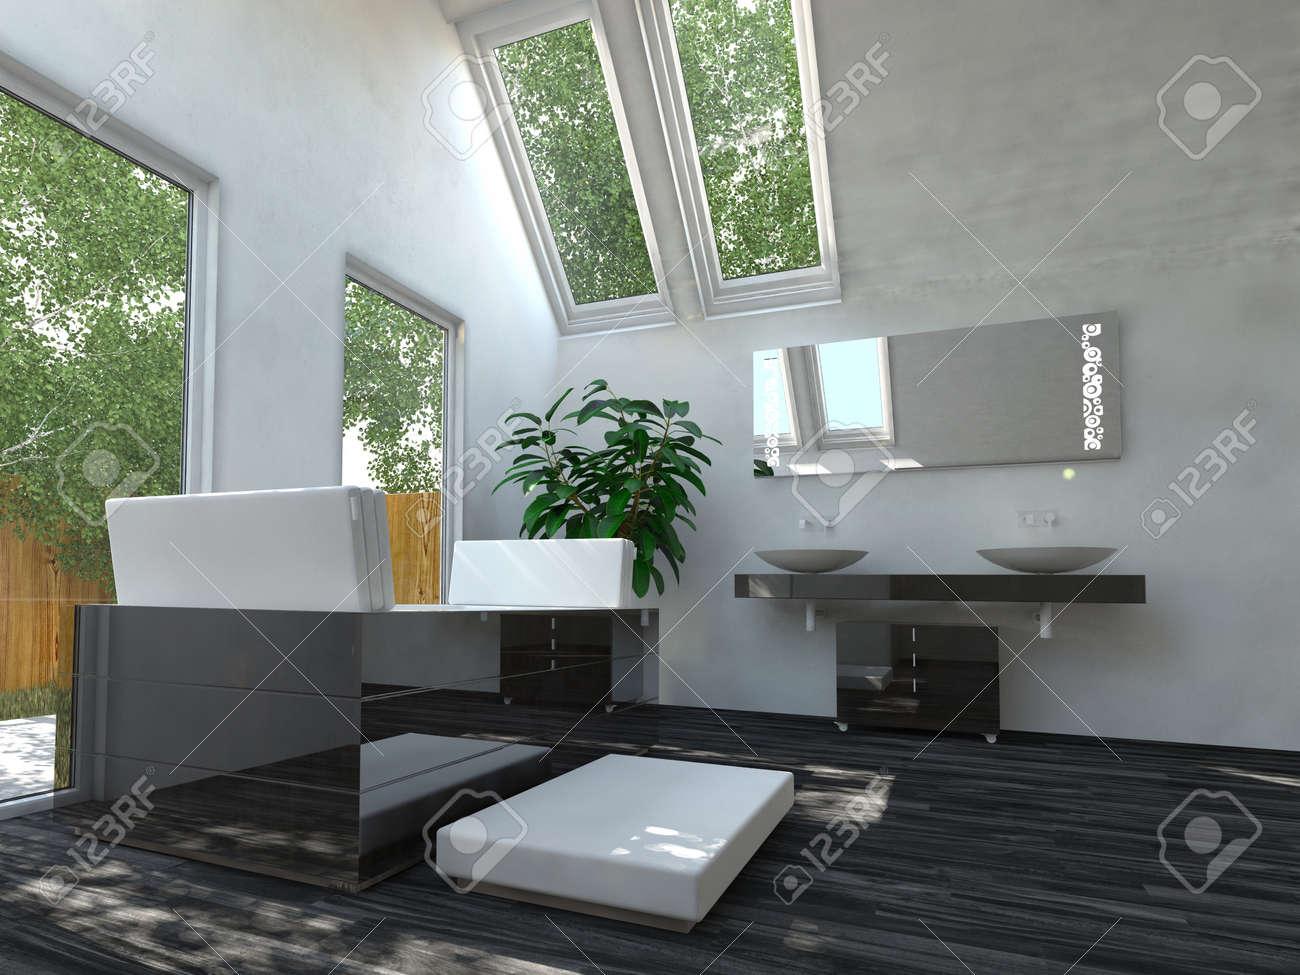 Hermoso Blanco y Negro Diseño de Interiores Zona Cuarto de baño con bañera